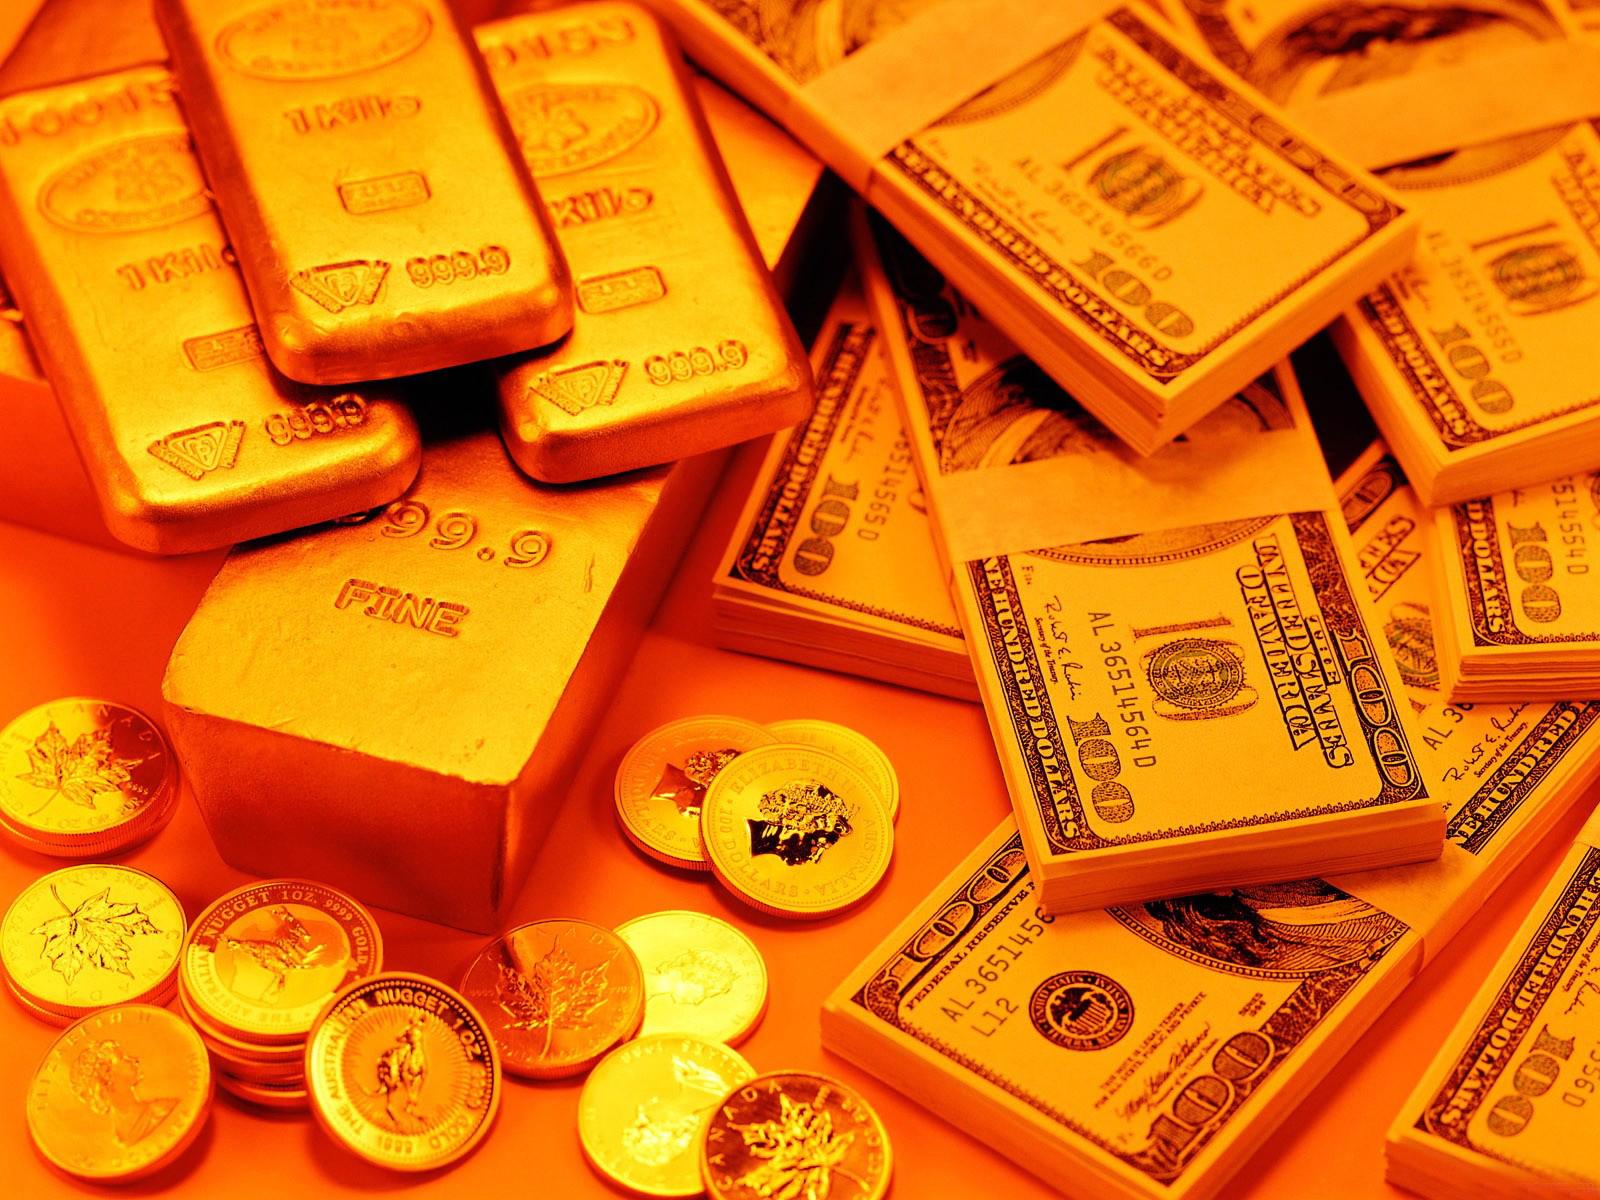 اسعار الذهب اليوم الاثنين في السعودية 21-4-2014 , The price of gold today